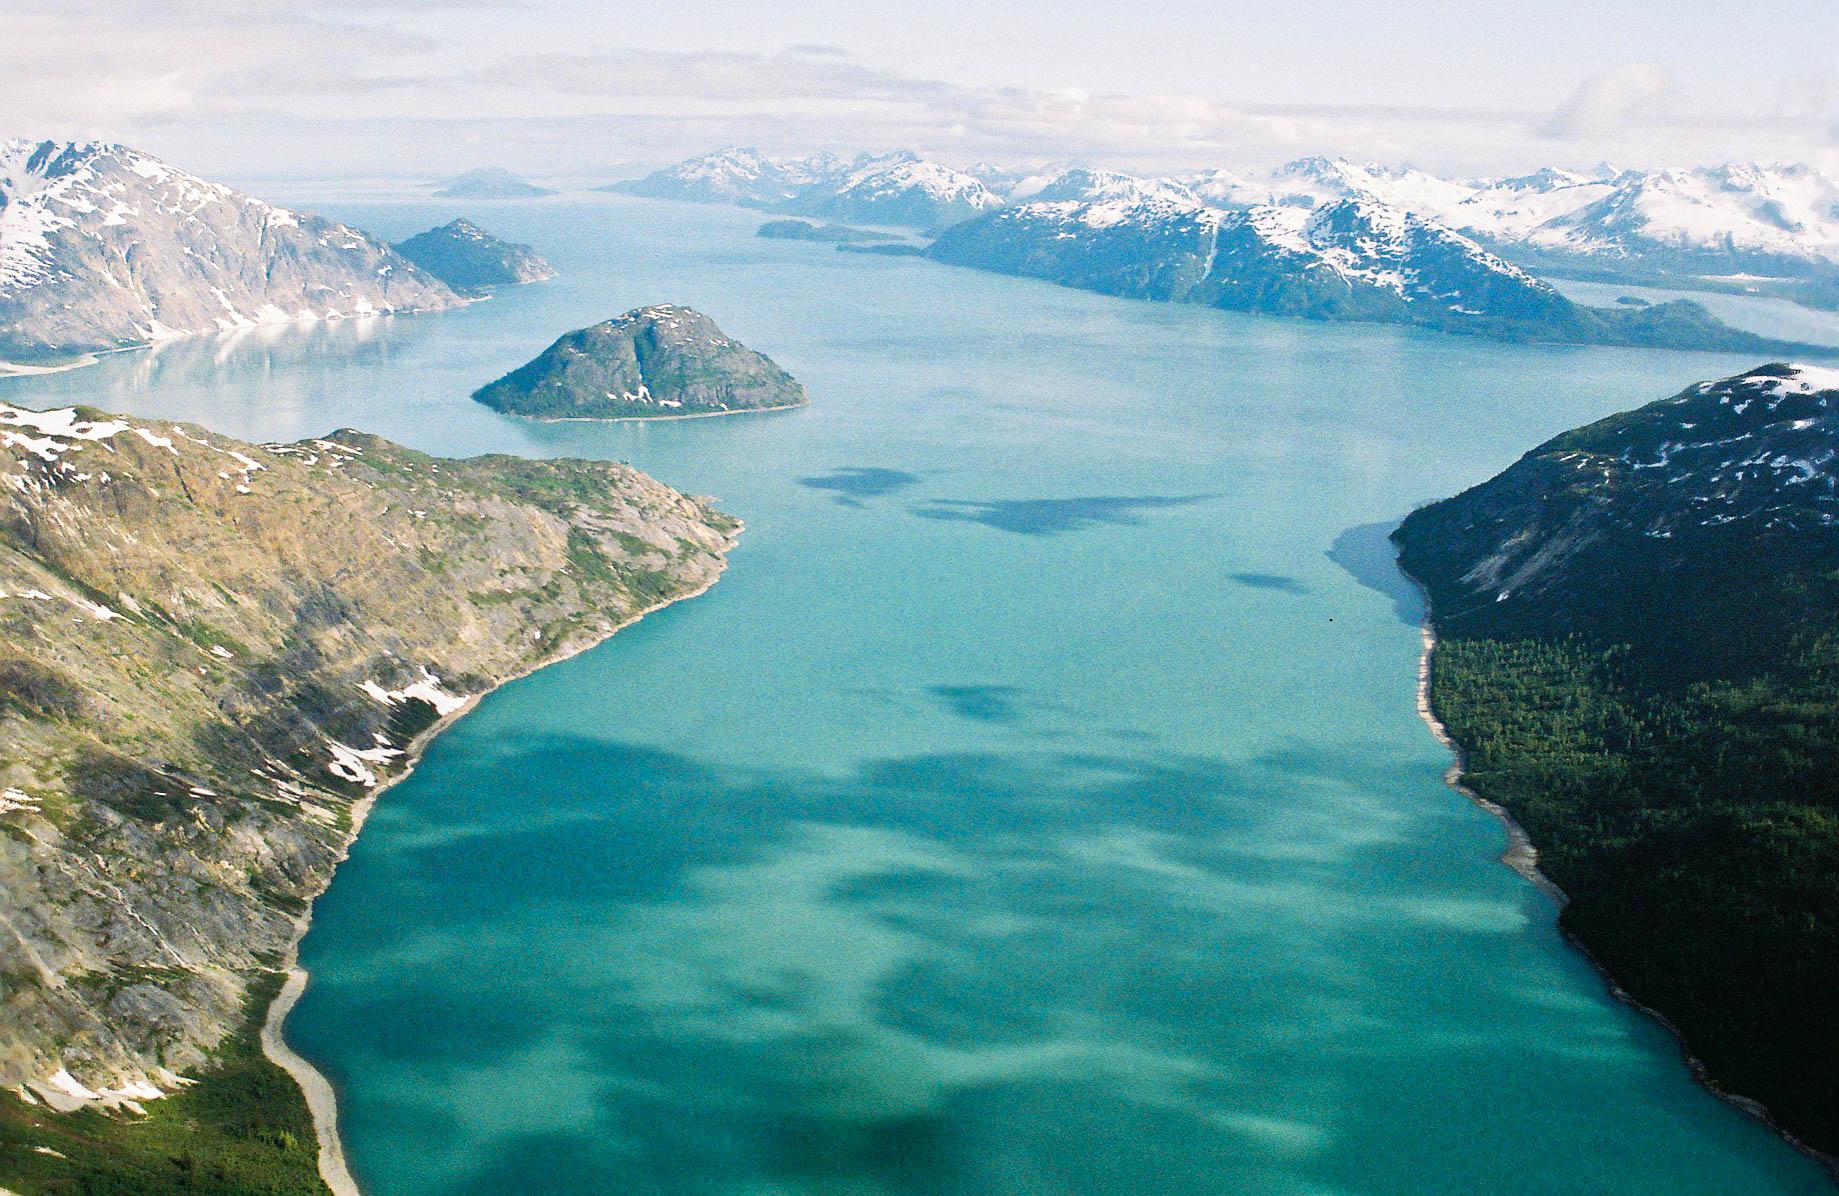 Galcier Bay NP